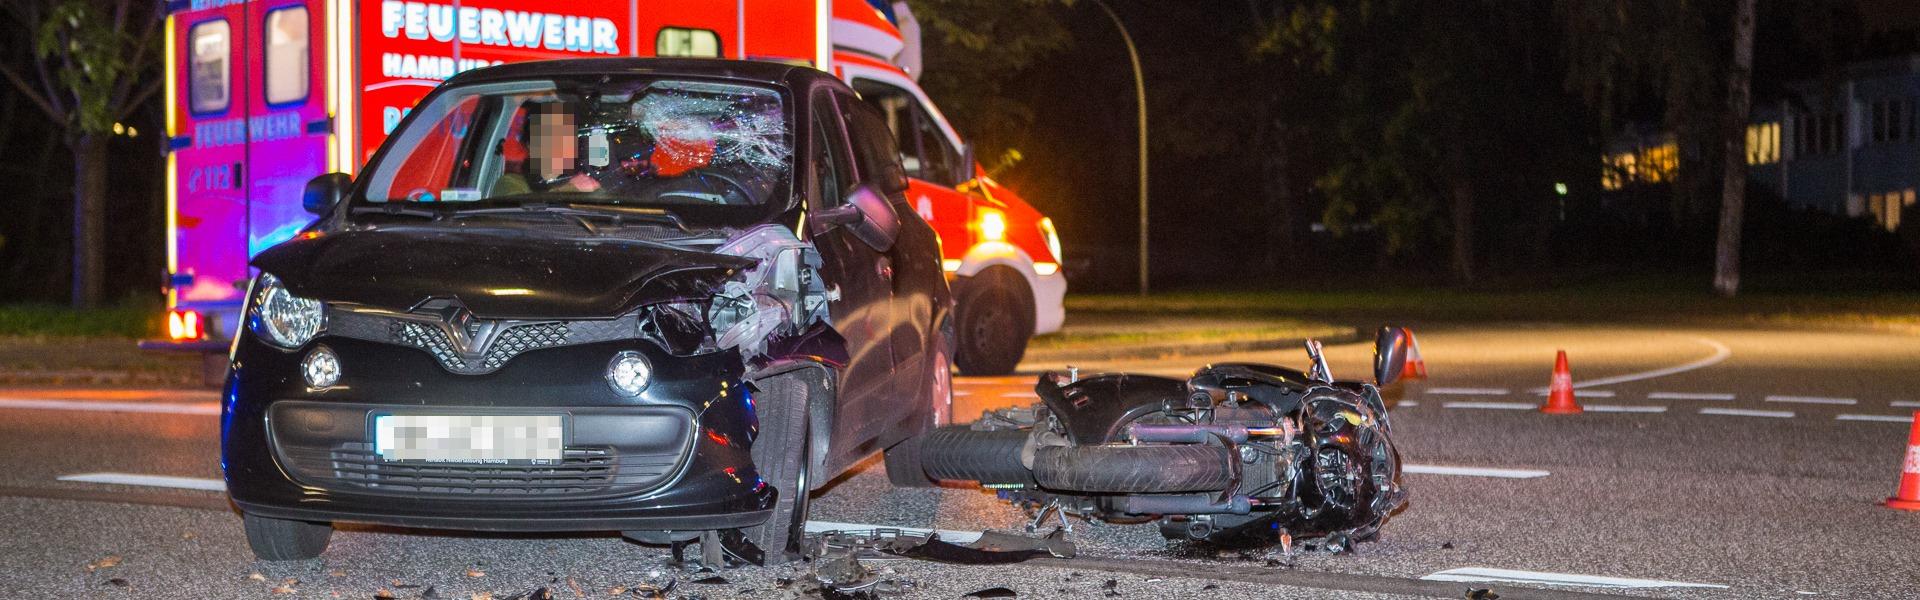 09.10.2019 – Motorradfahrer bei Unfall schwer verletzt